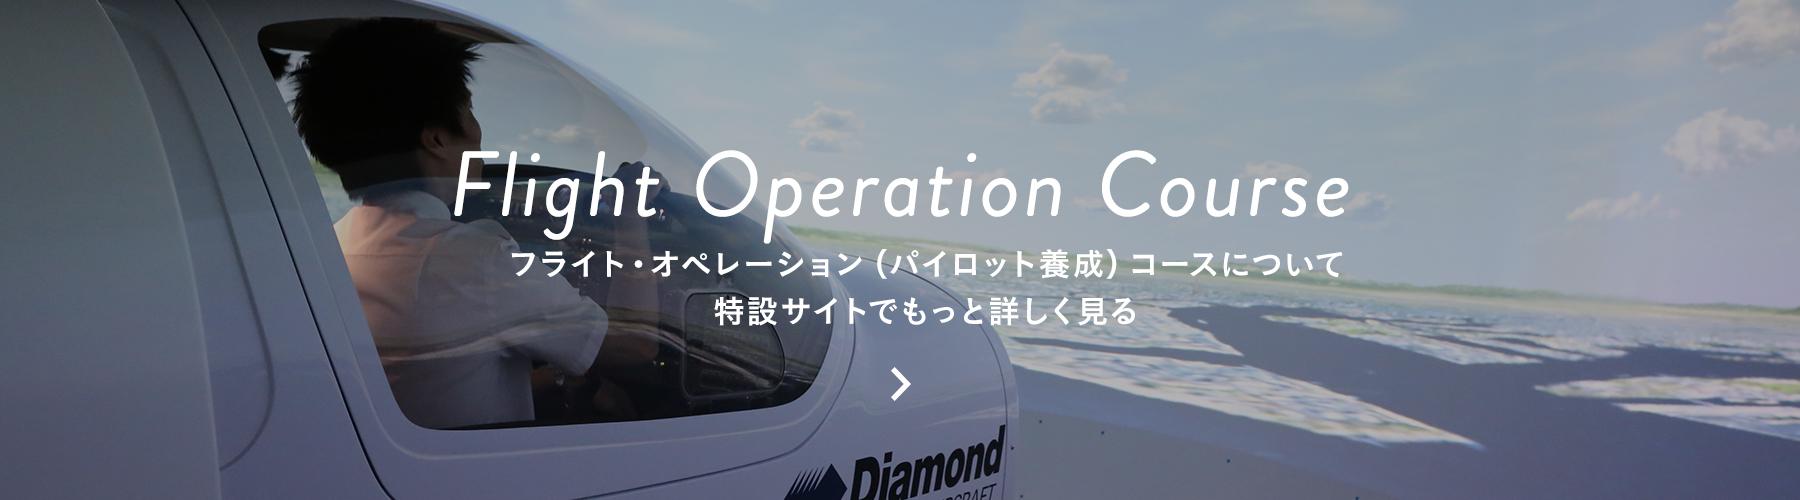 フライト・オペレーション(パイロット養成)コースについて特設サイトでもっと詳しく見る